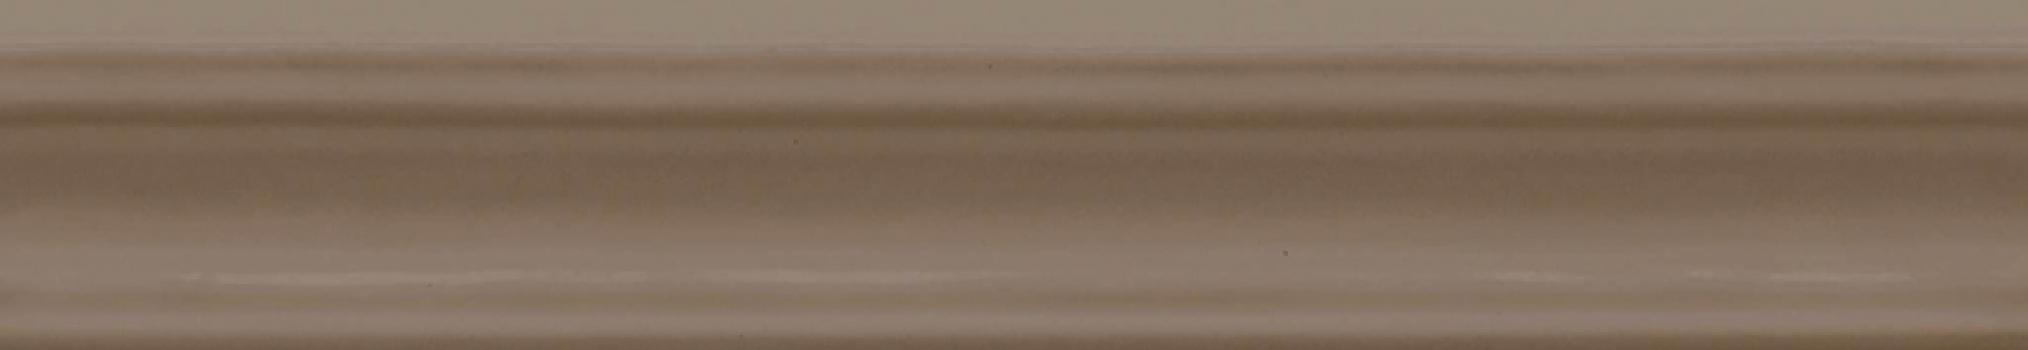 opal moldura moka 30*5 CIFRE